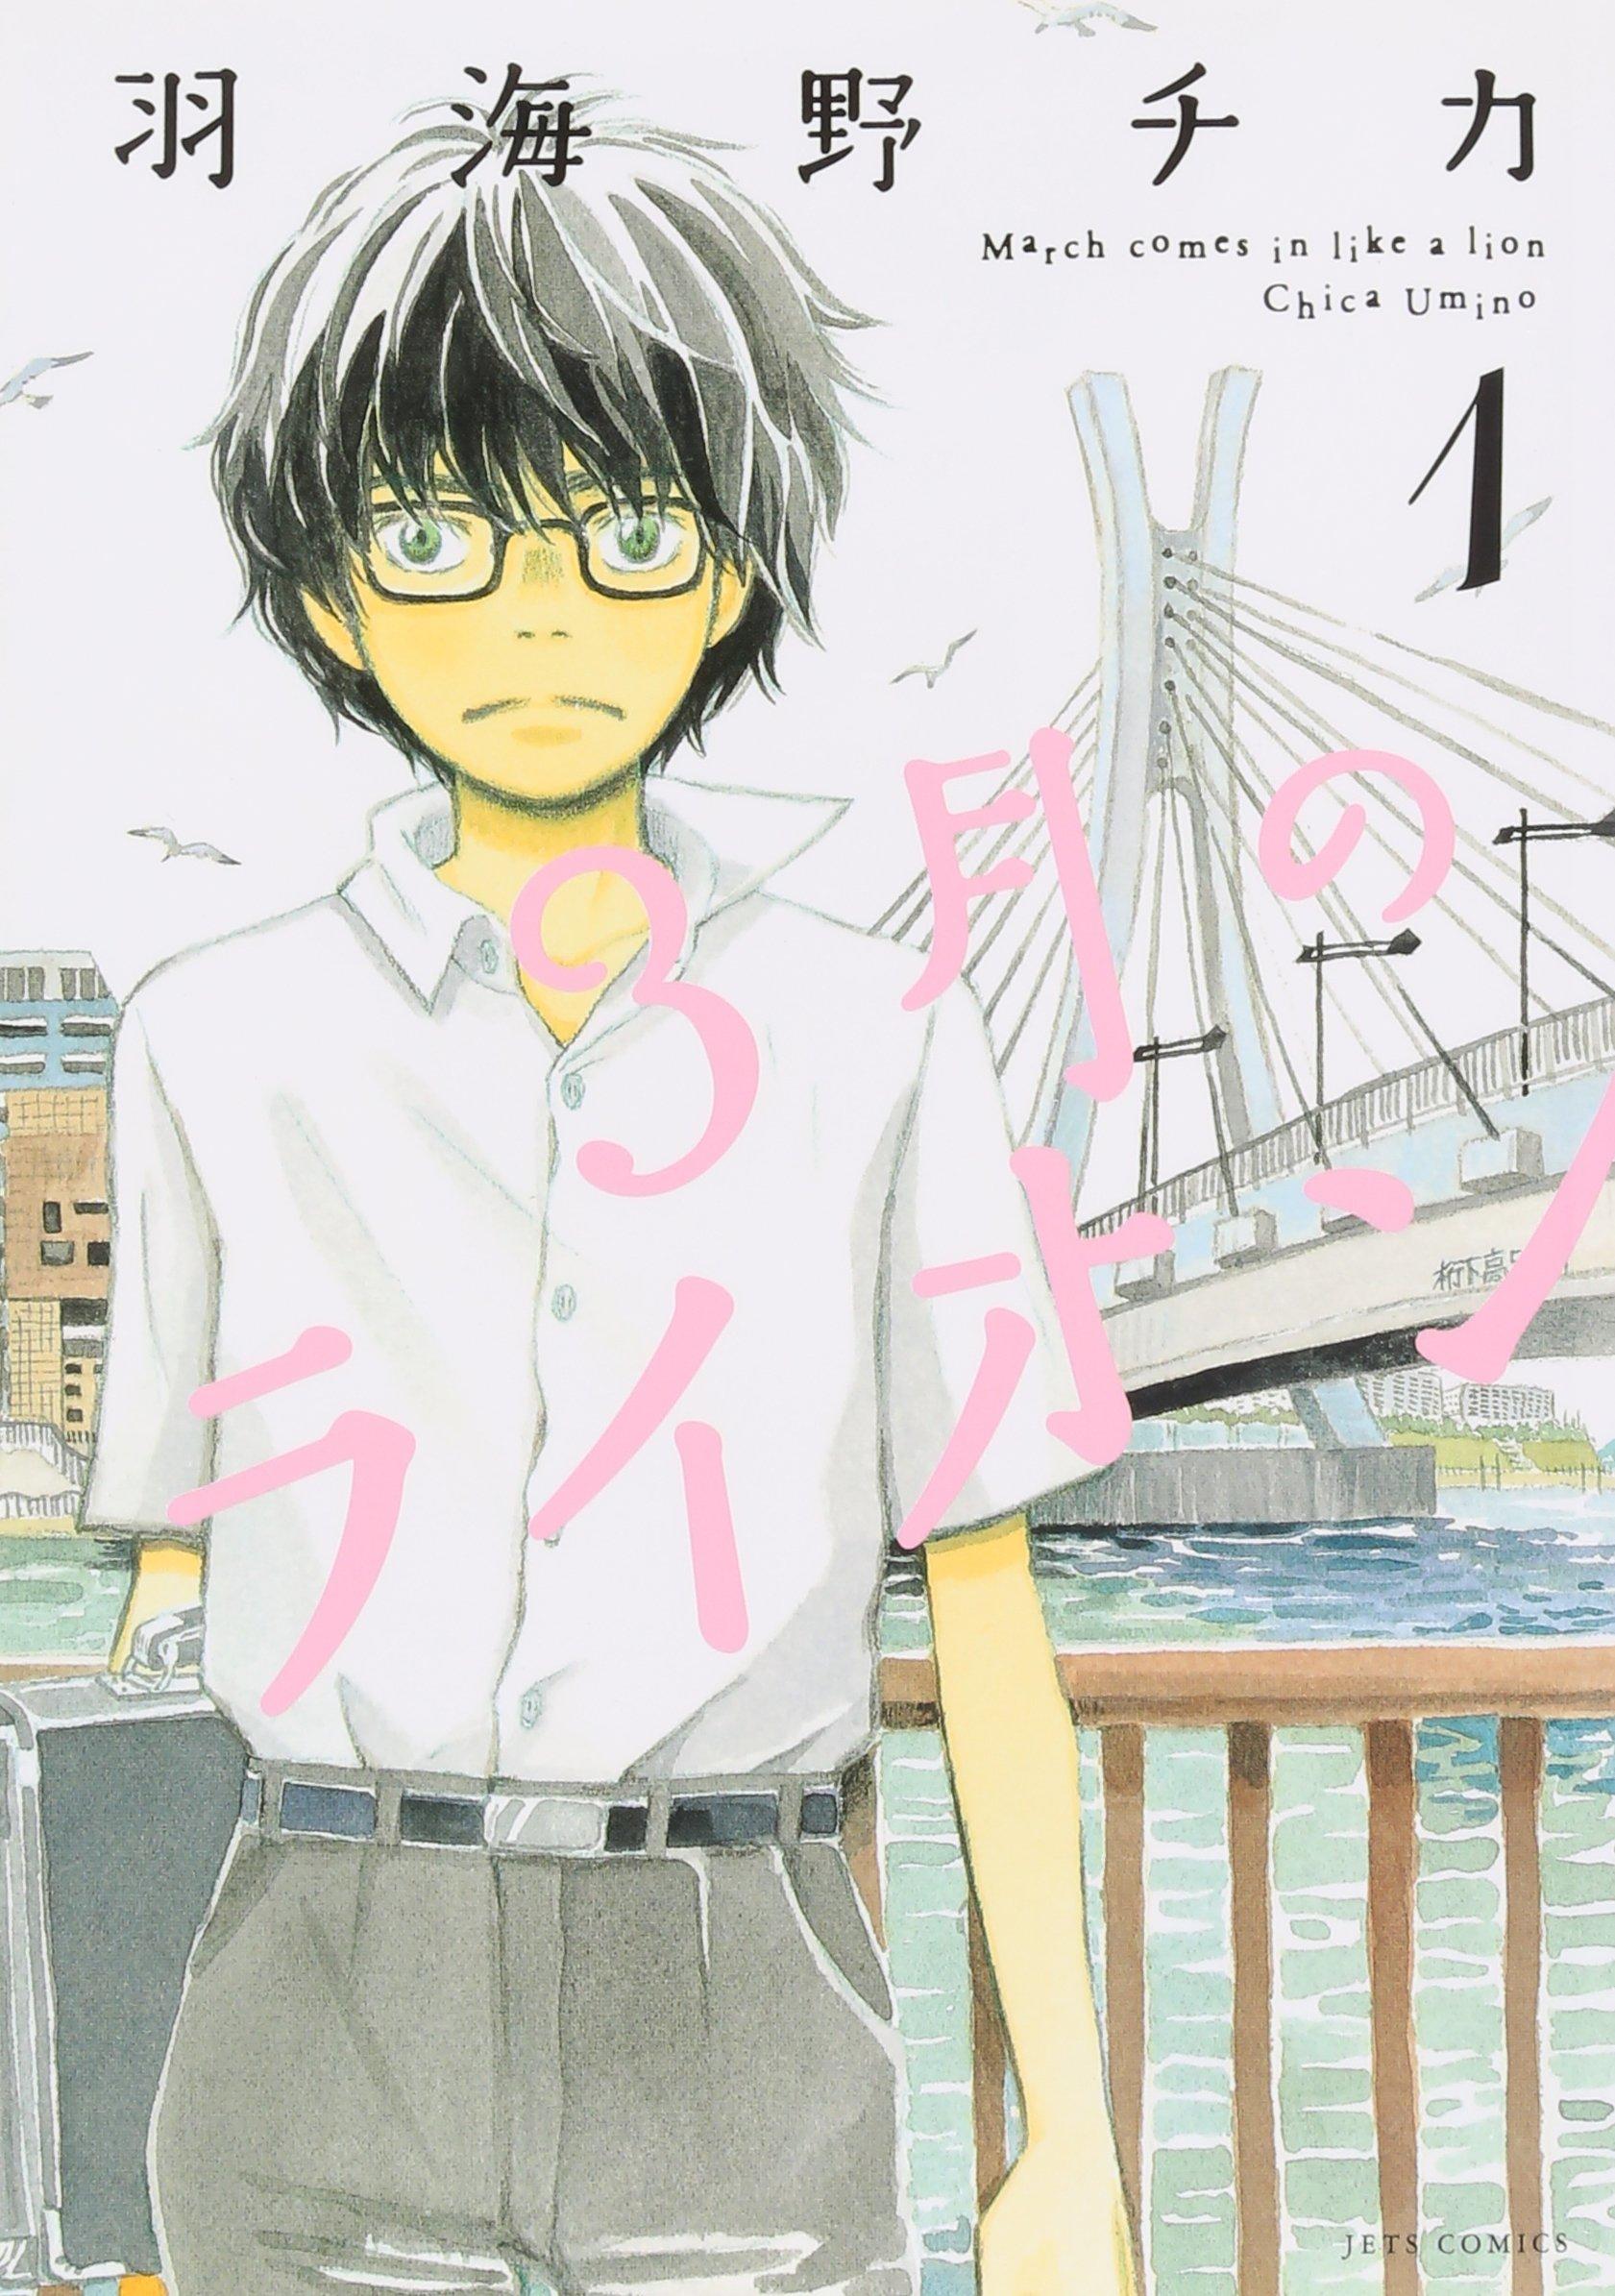 【泣けると話題】大人向け感動漫画おすすめ5選!